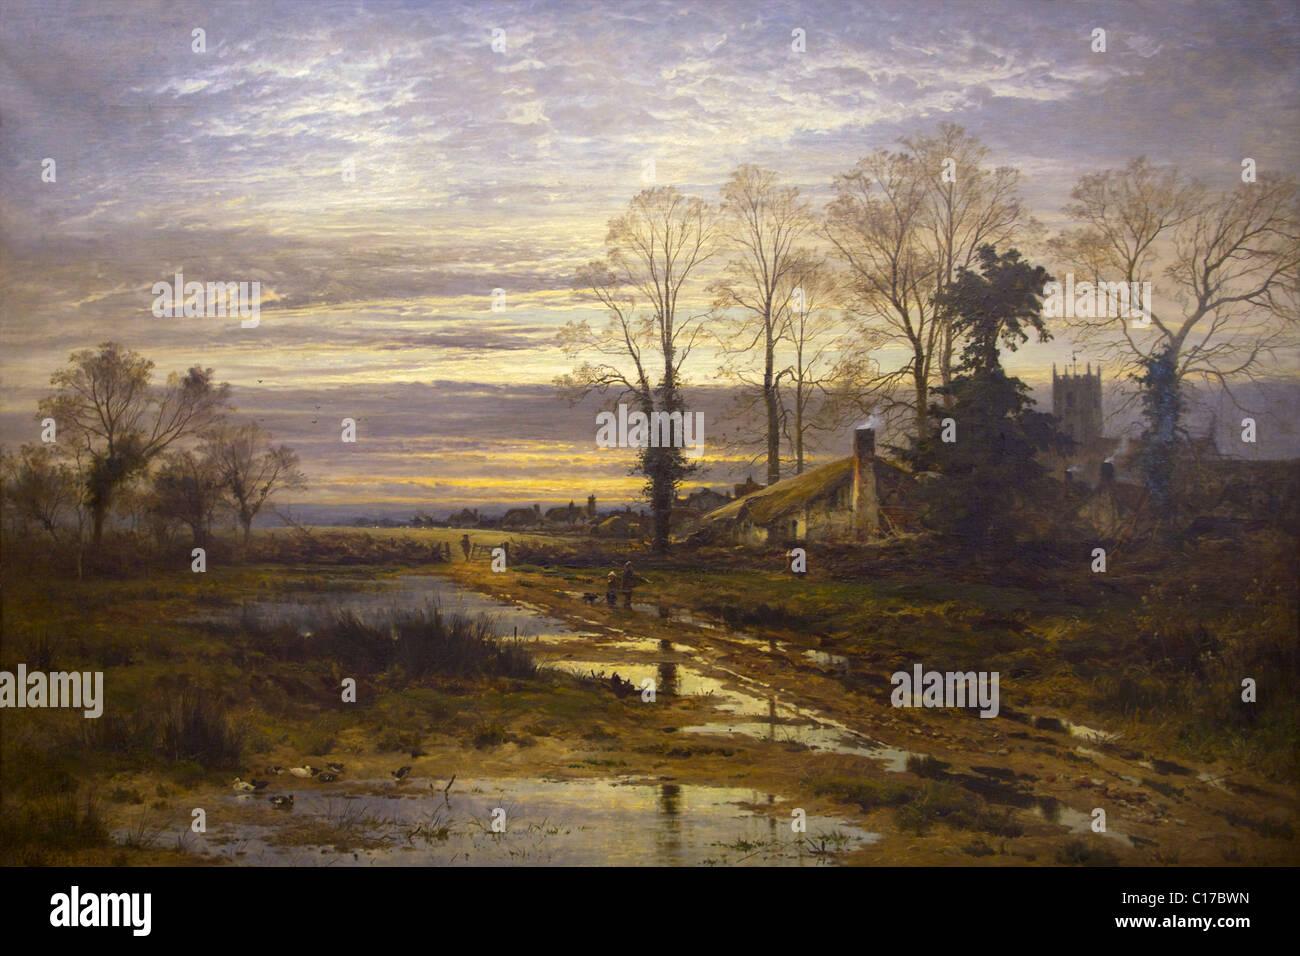 Febbraio riempire Dyke, da Benjamin Williams Leader, 1881, Immagini Stock